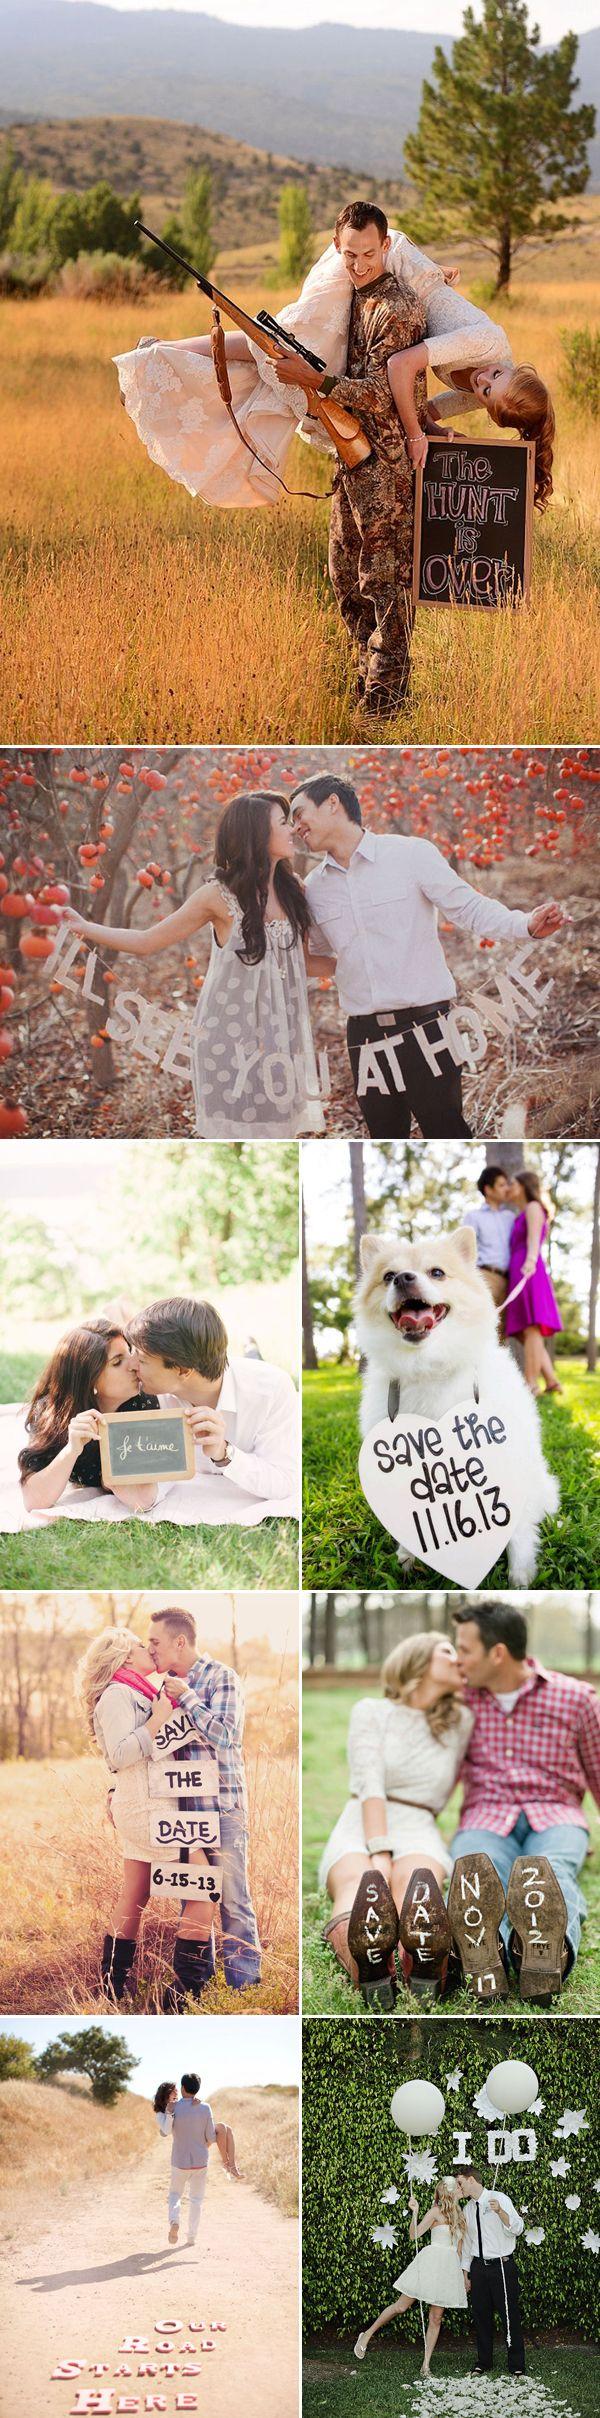 37 Fun Engagement photos